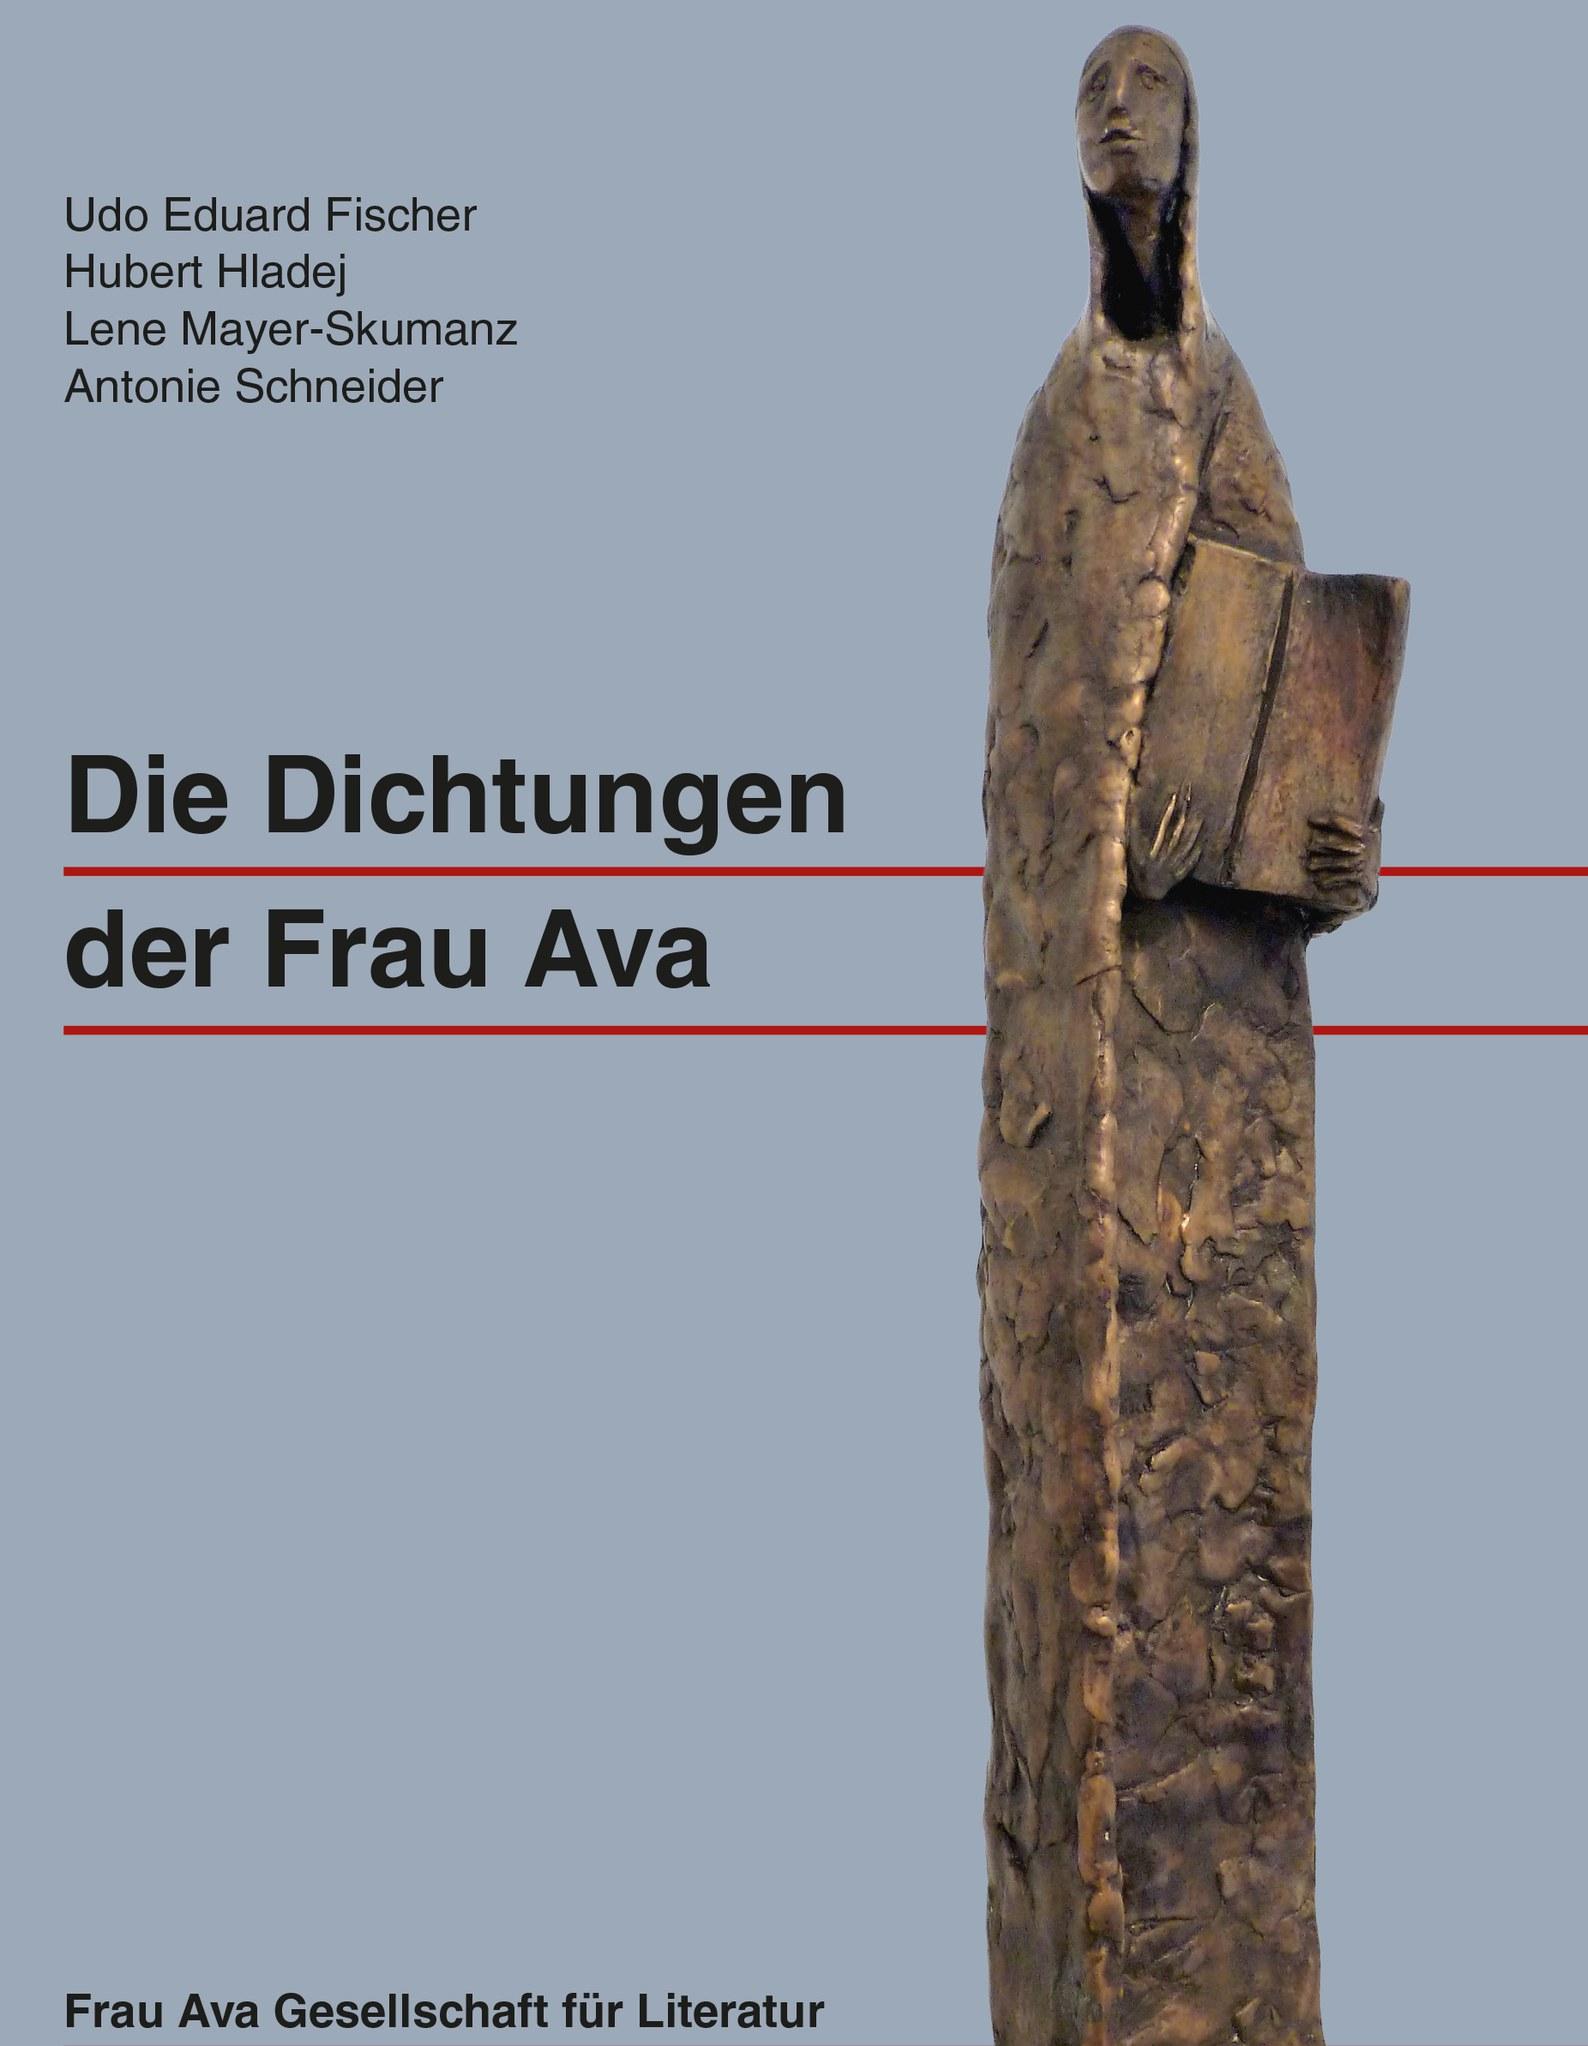 Lesung: Die Dichtungen der Frau Ava © Frau Ava Gesellschaft für Literatur